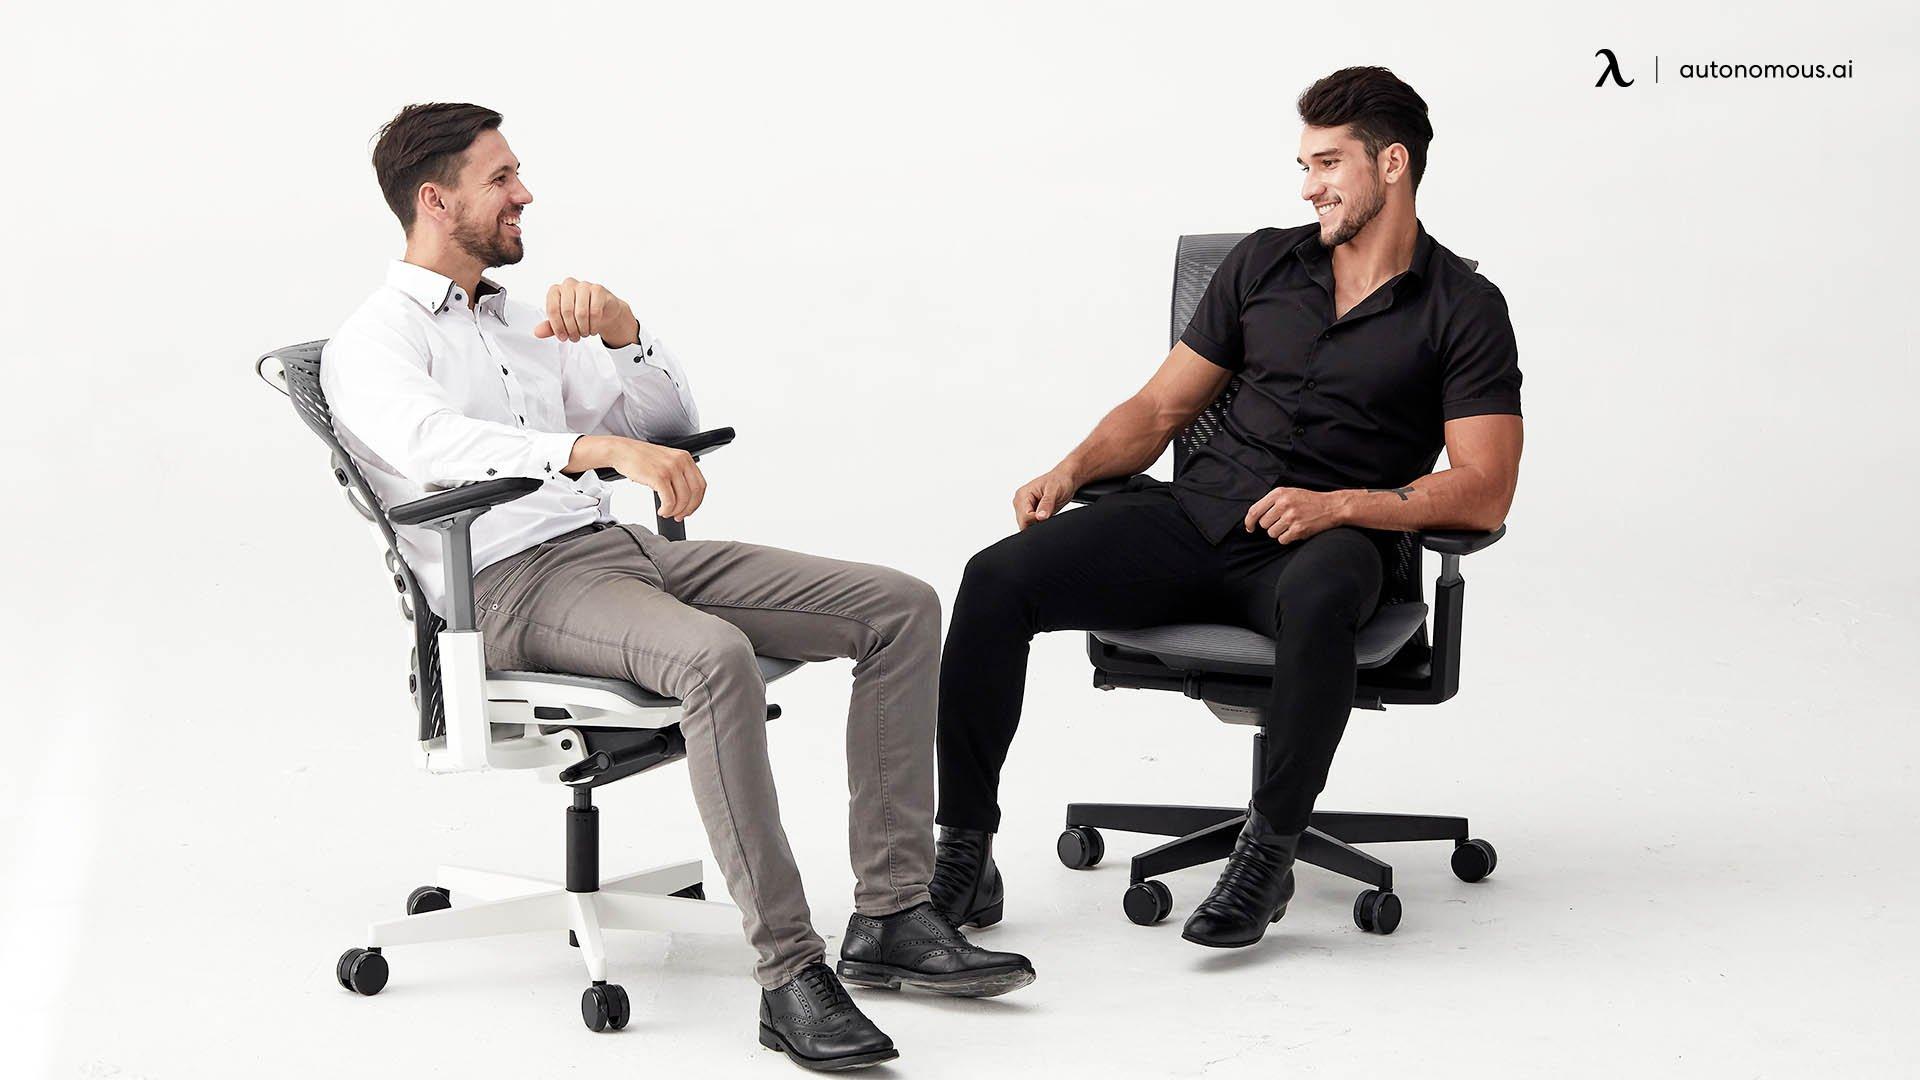 Why Should I Choose an Autonomous Chair?